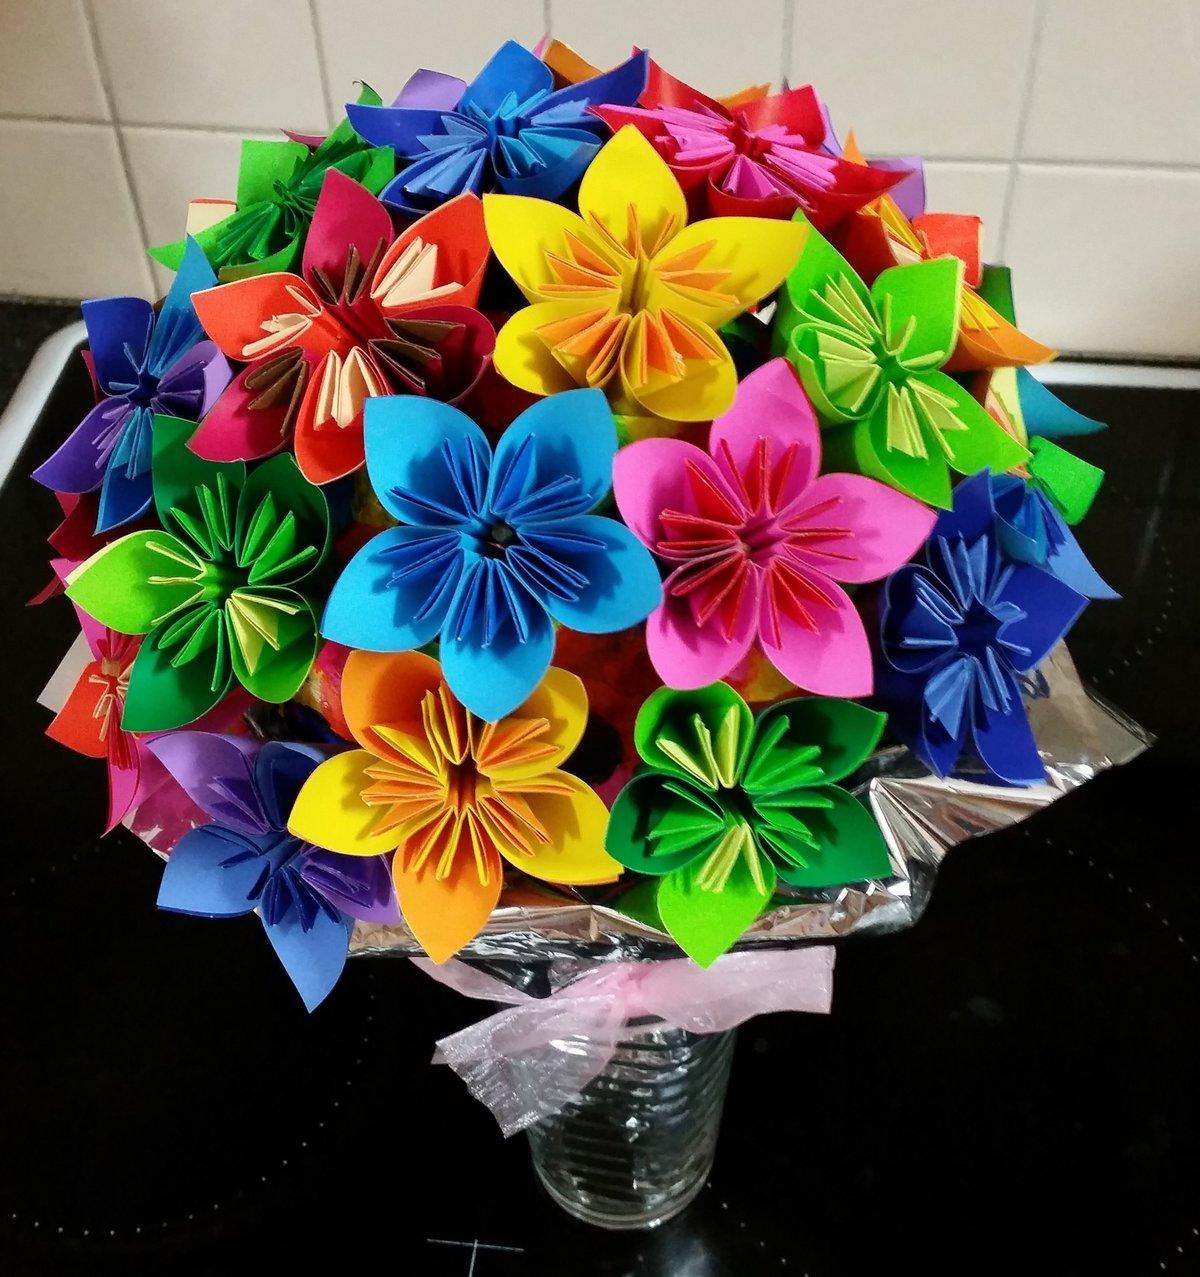 картинки поделок цветов из бумаги биографии